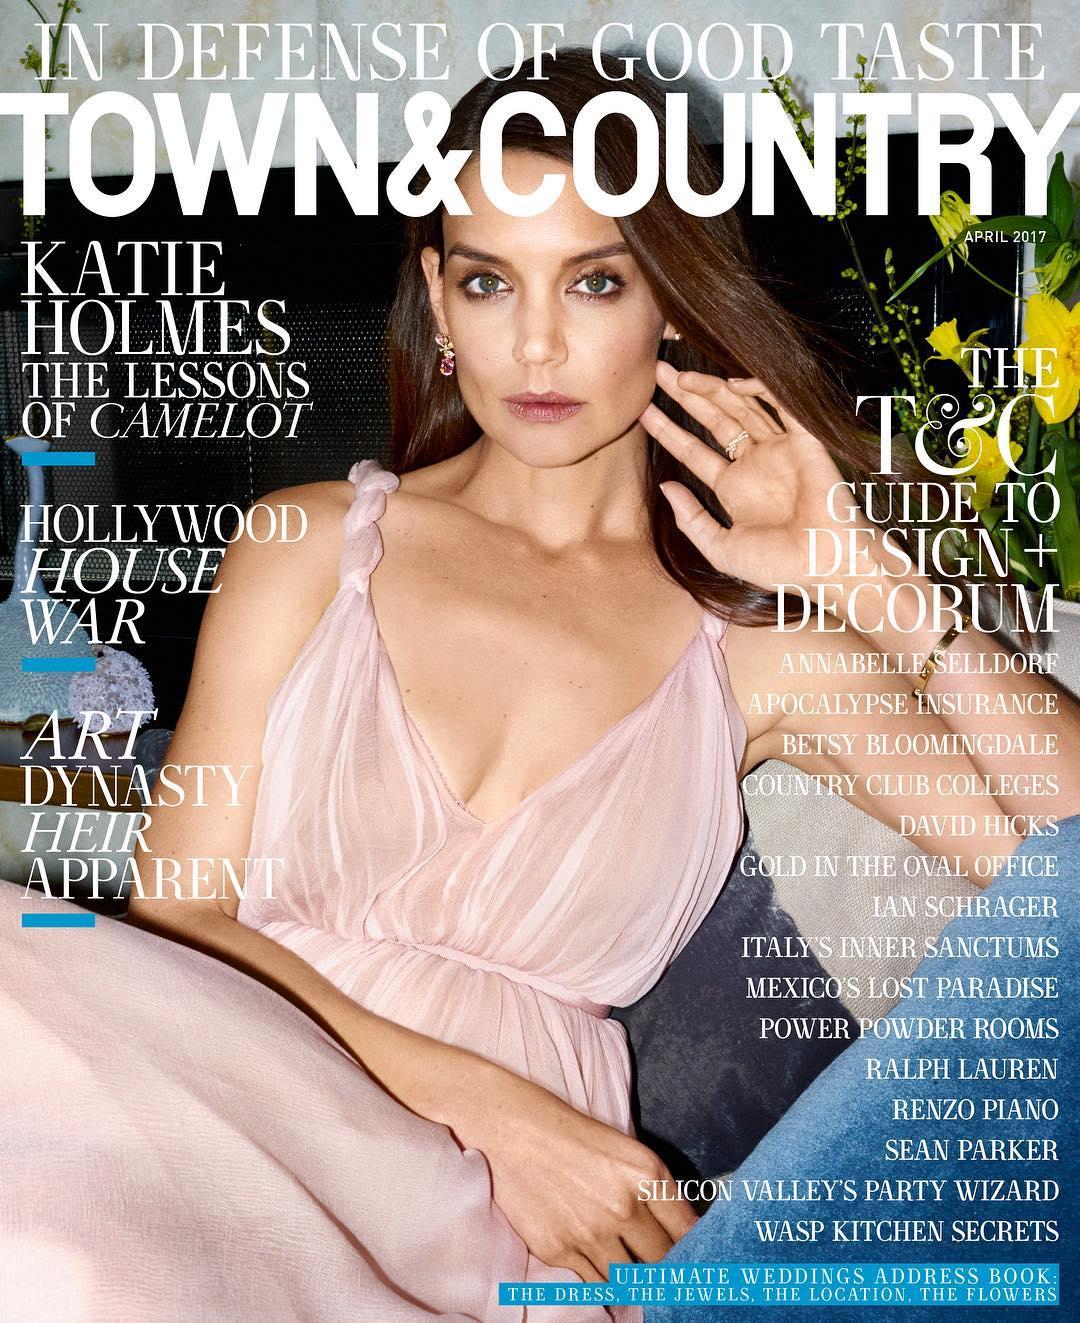 Кеті стала героїнею квітневого номера журналу Town & Country